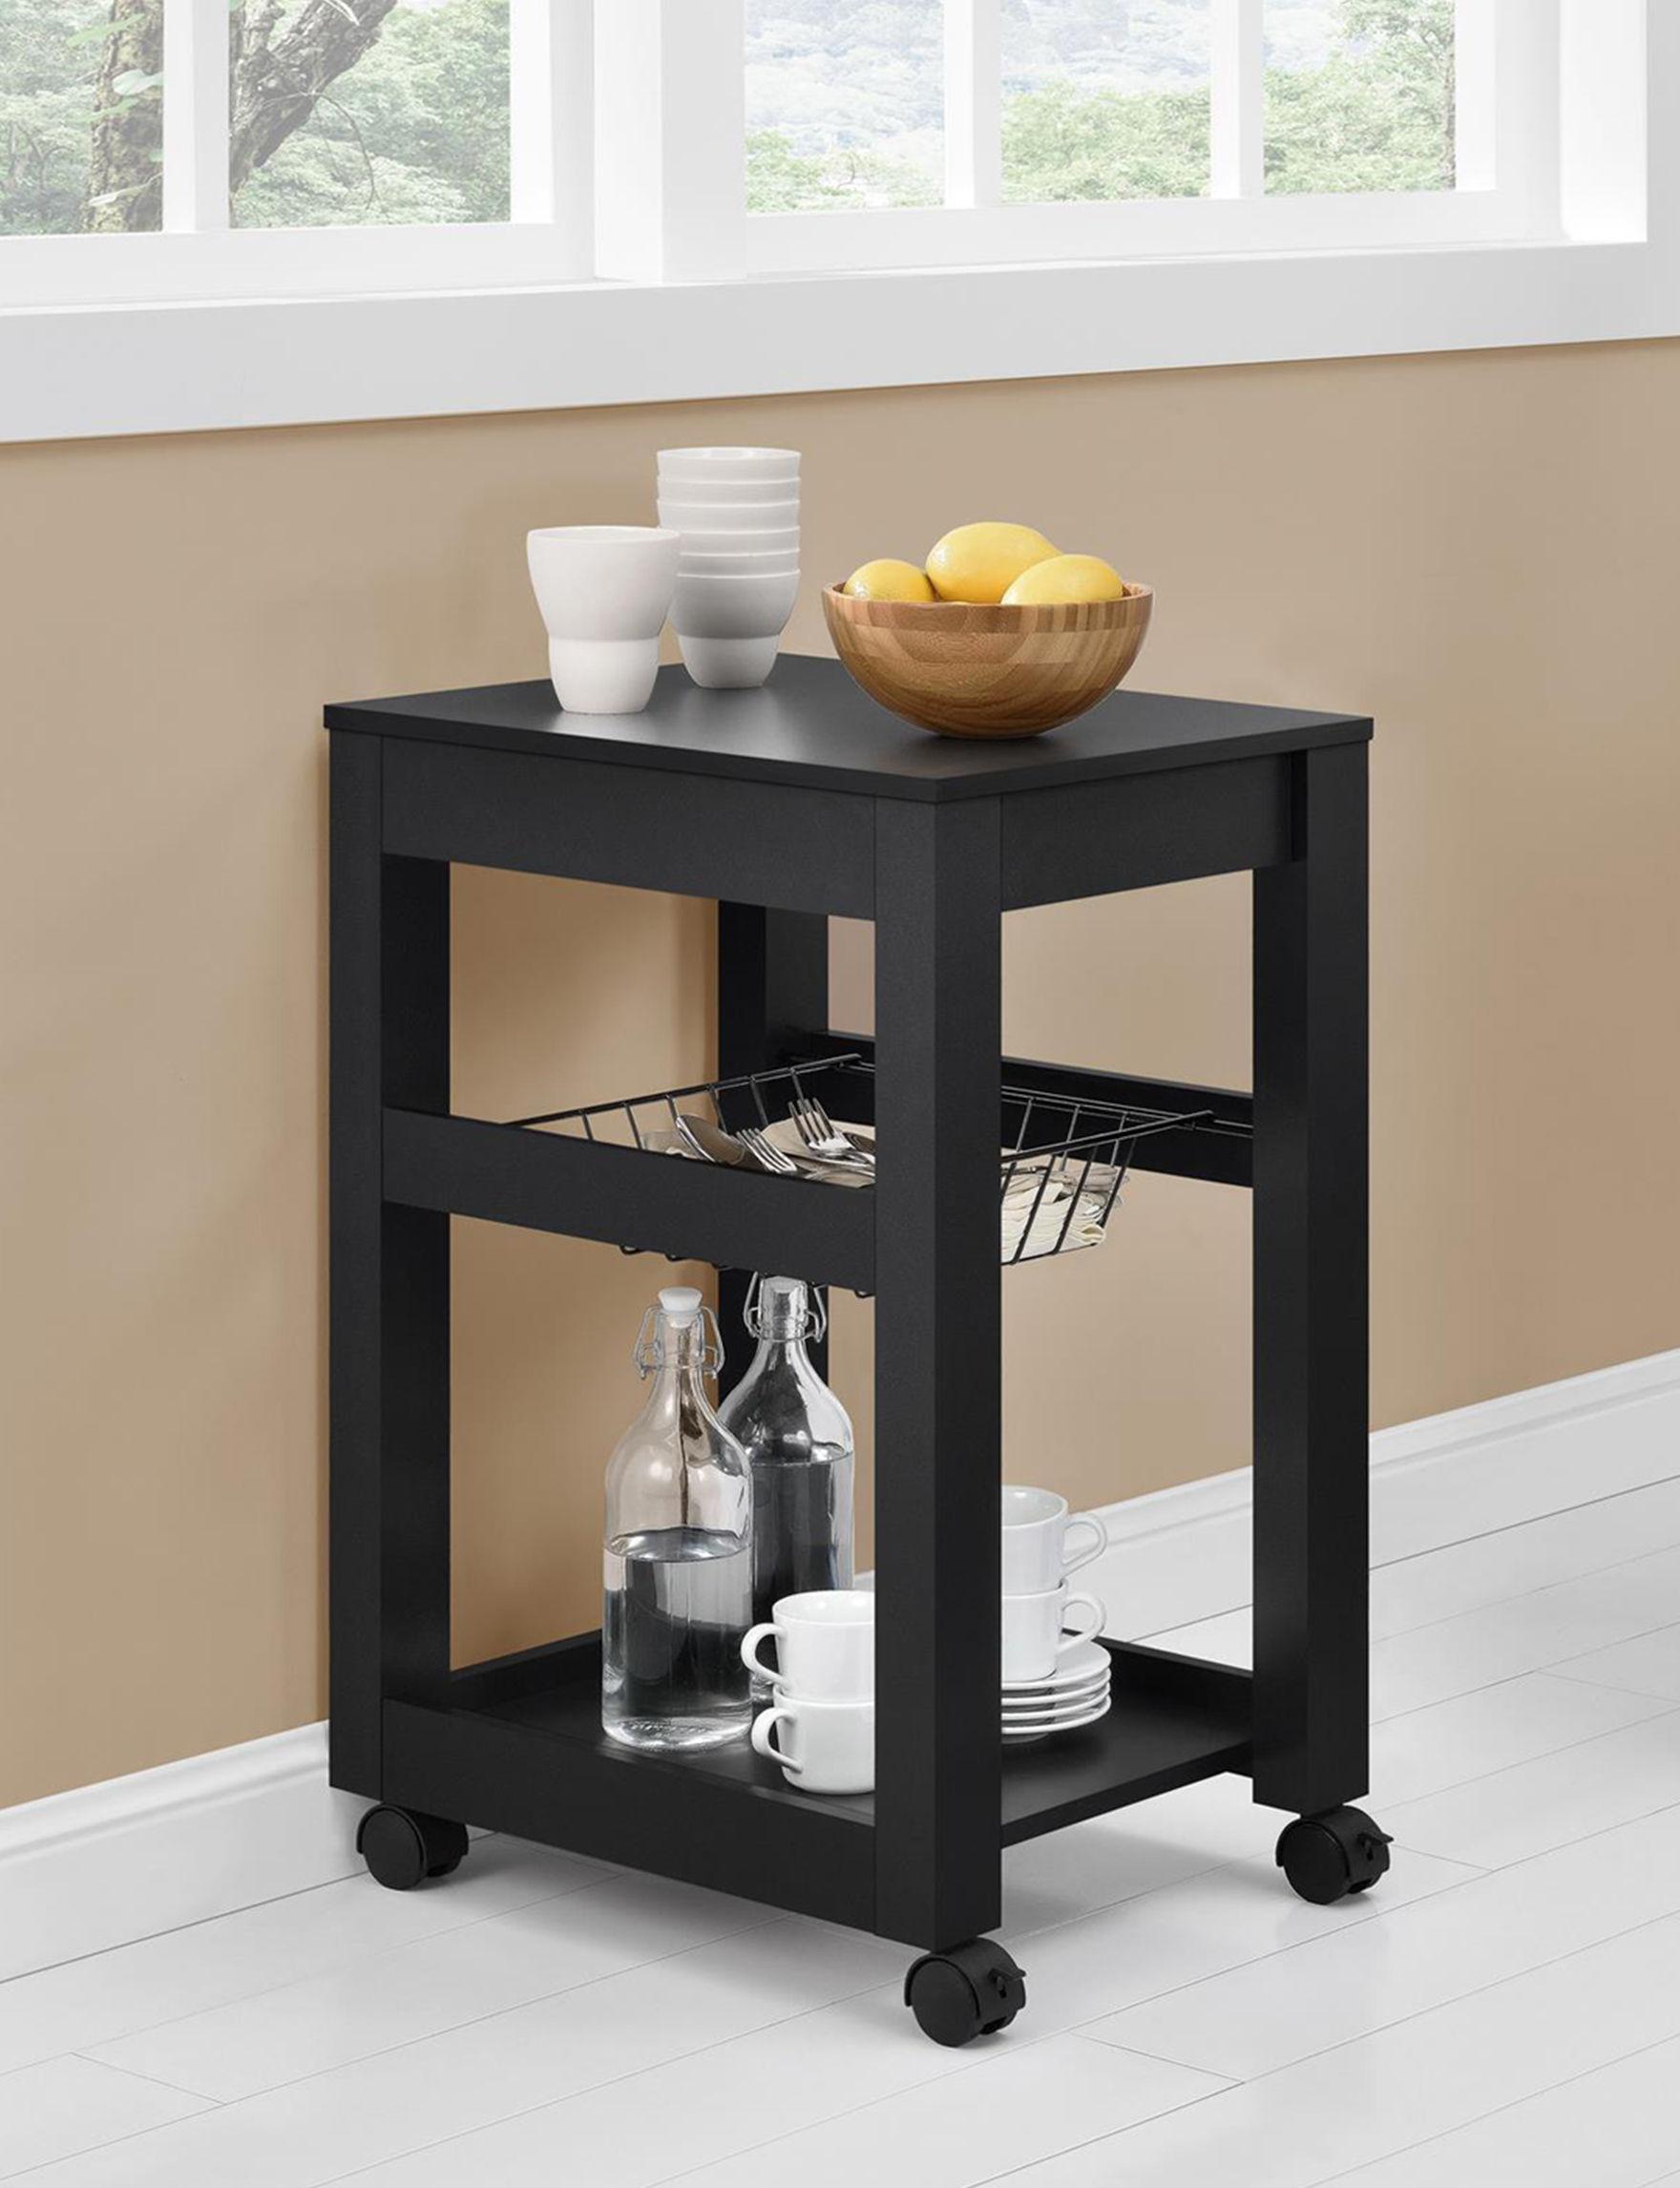 Ameriwood Black Kitchen Islands & Carts Living Room Furniture